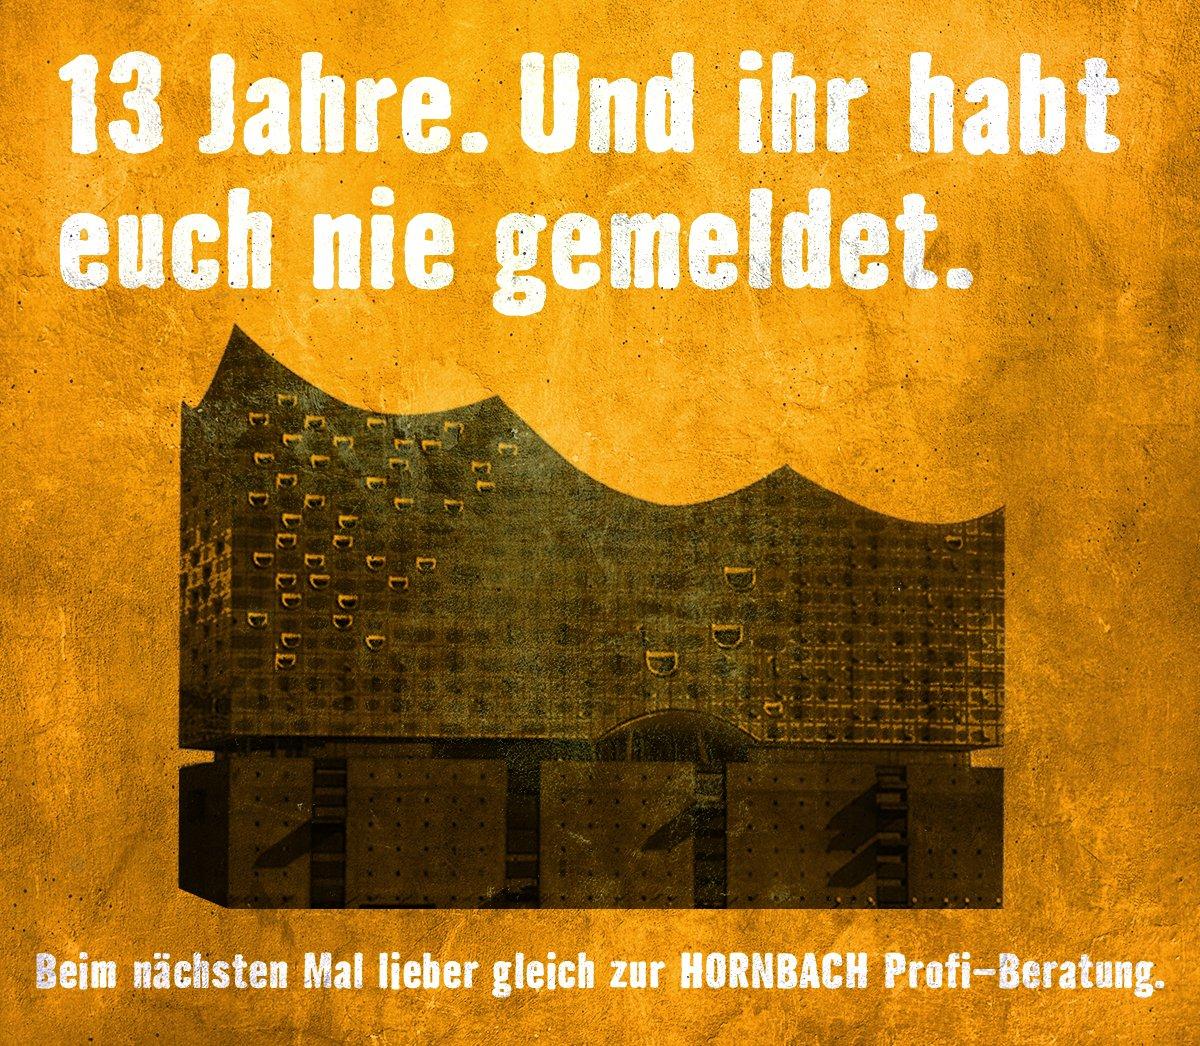 Na herzlichen Glückwunsch. #Elbphilharmonie